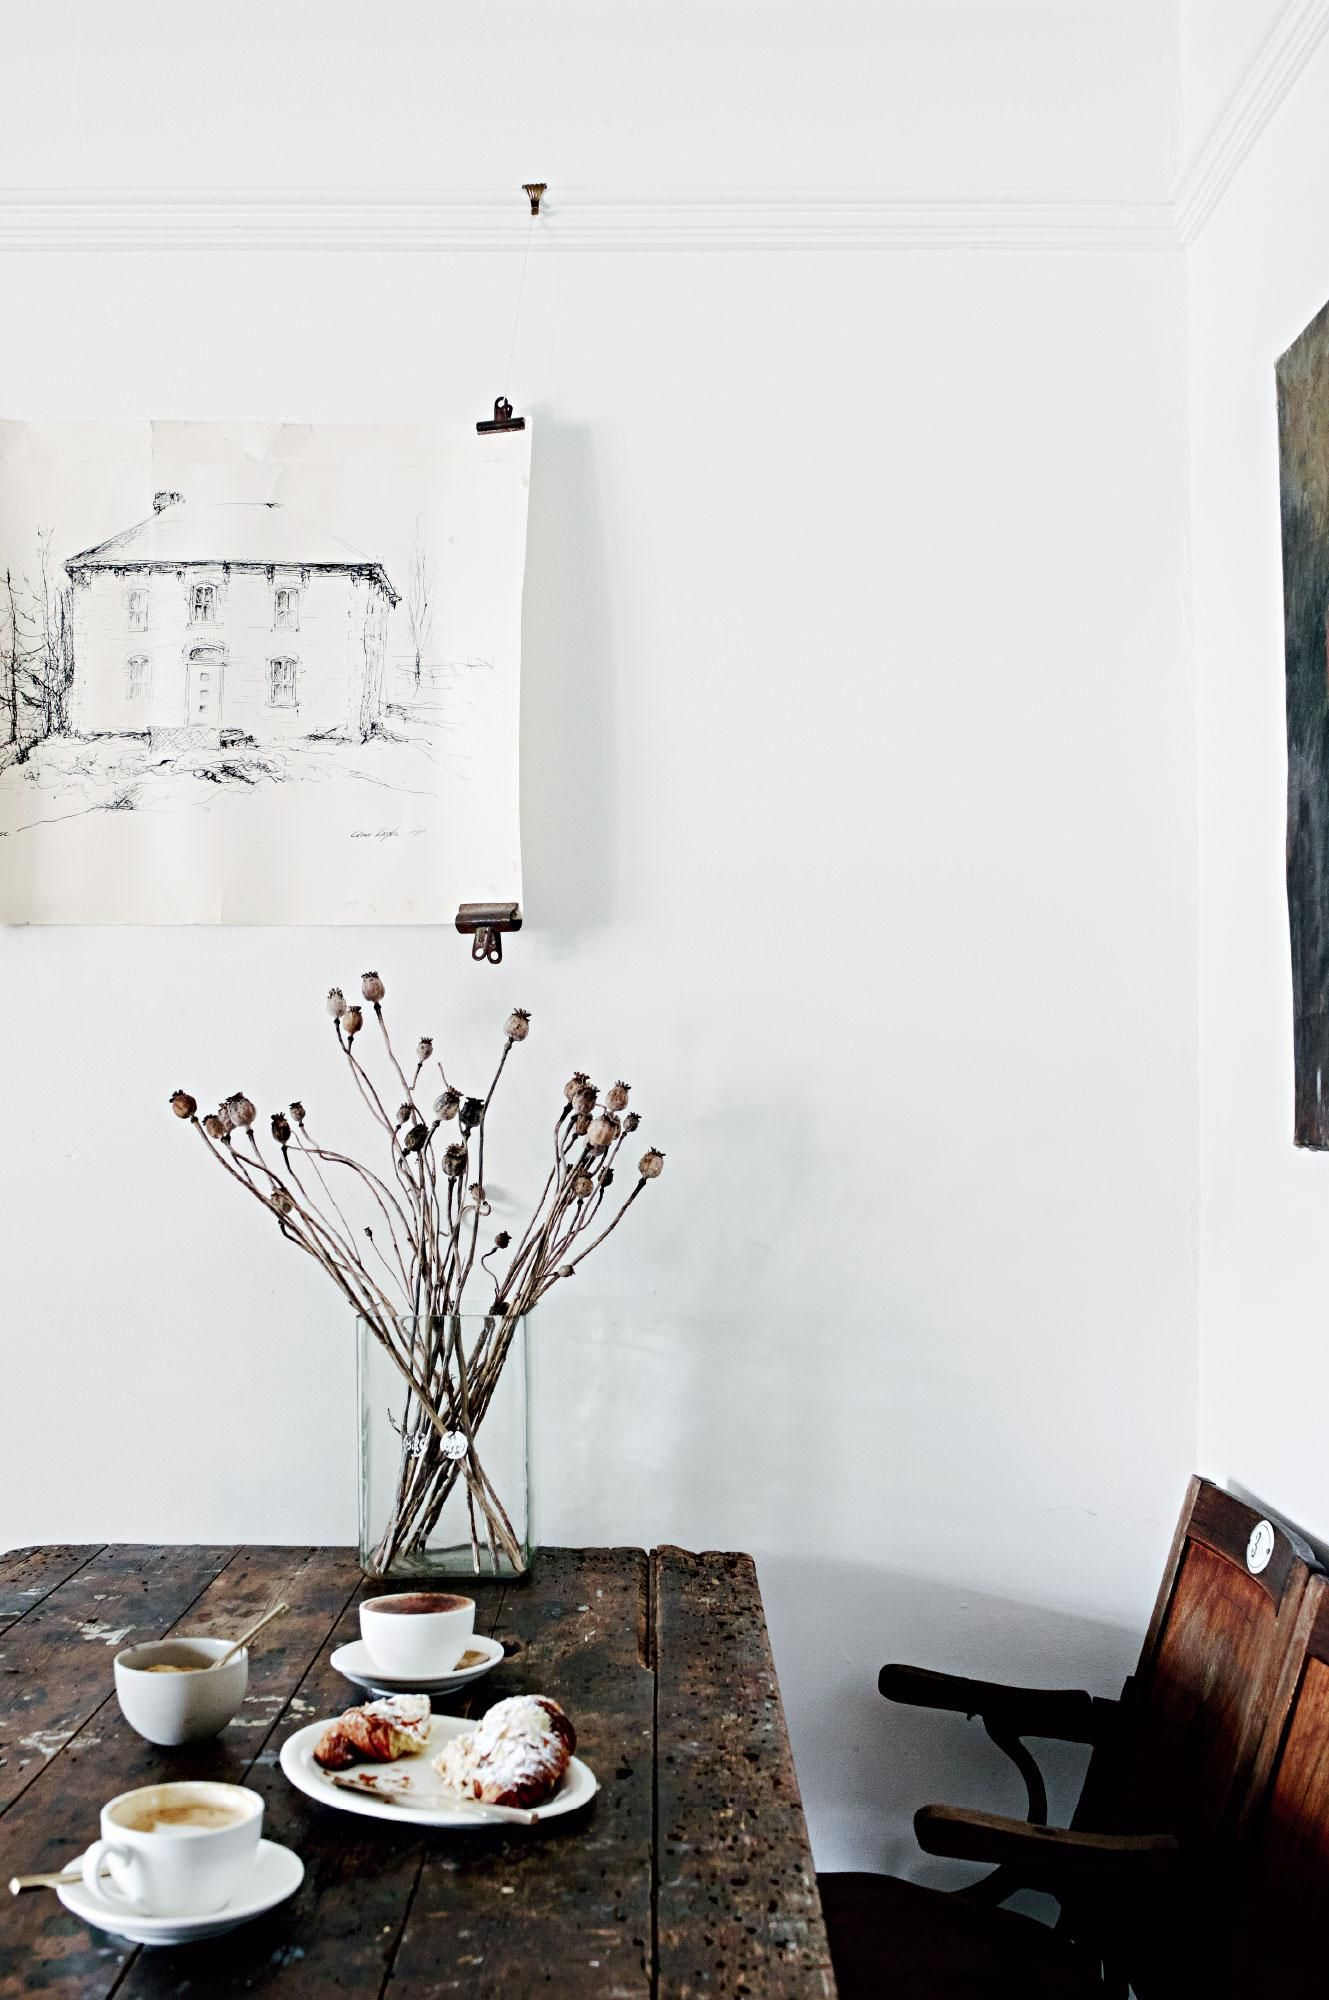 Küche und esszimmer designs nirvana of neutrals poetus ode shop u tearoom adelaide hills